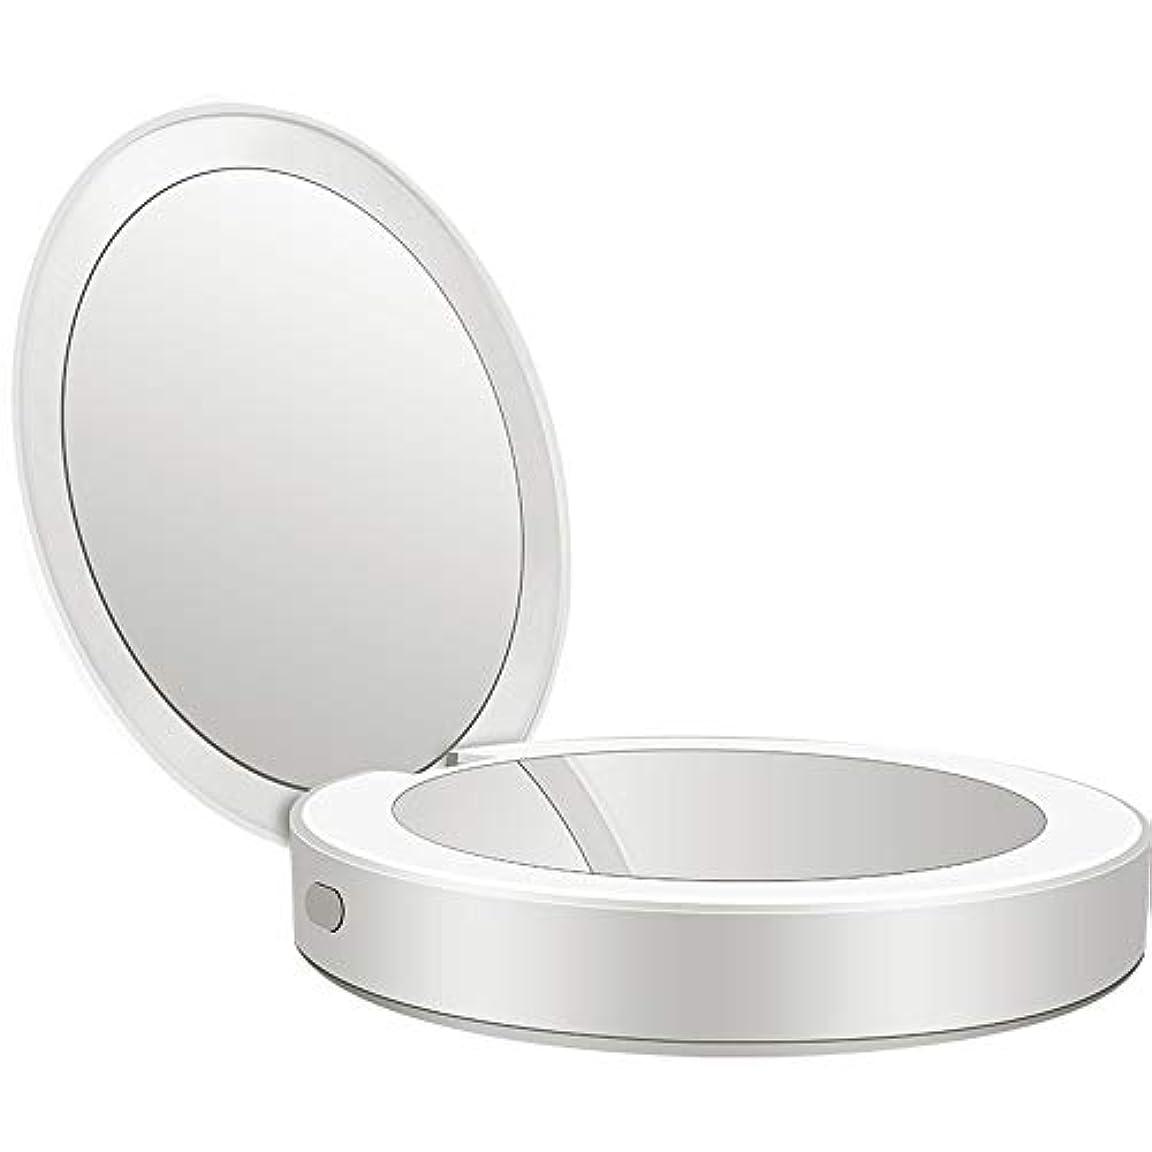 動力学ポーター帽子流行の 新しい多機能ポータブル折りたたみLEDライト化粧鏡フィルライト充電宝物鏡ABS素材ギフトギフトライト充電虫眼鏡 (色 : Silver)